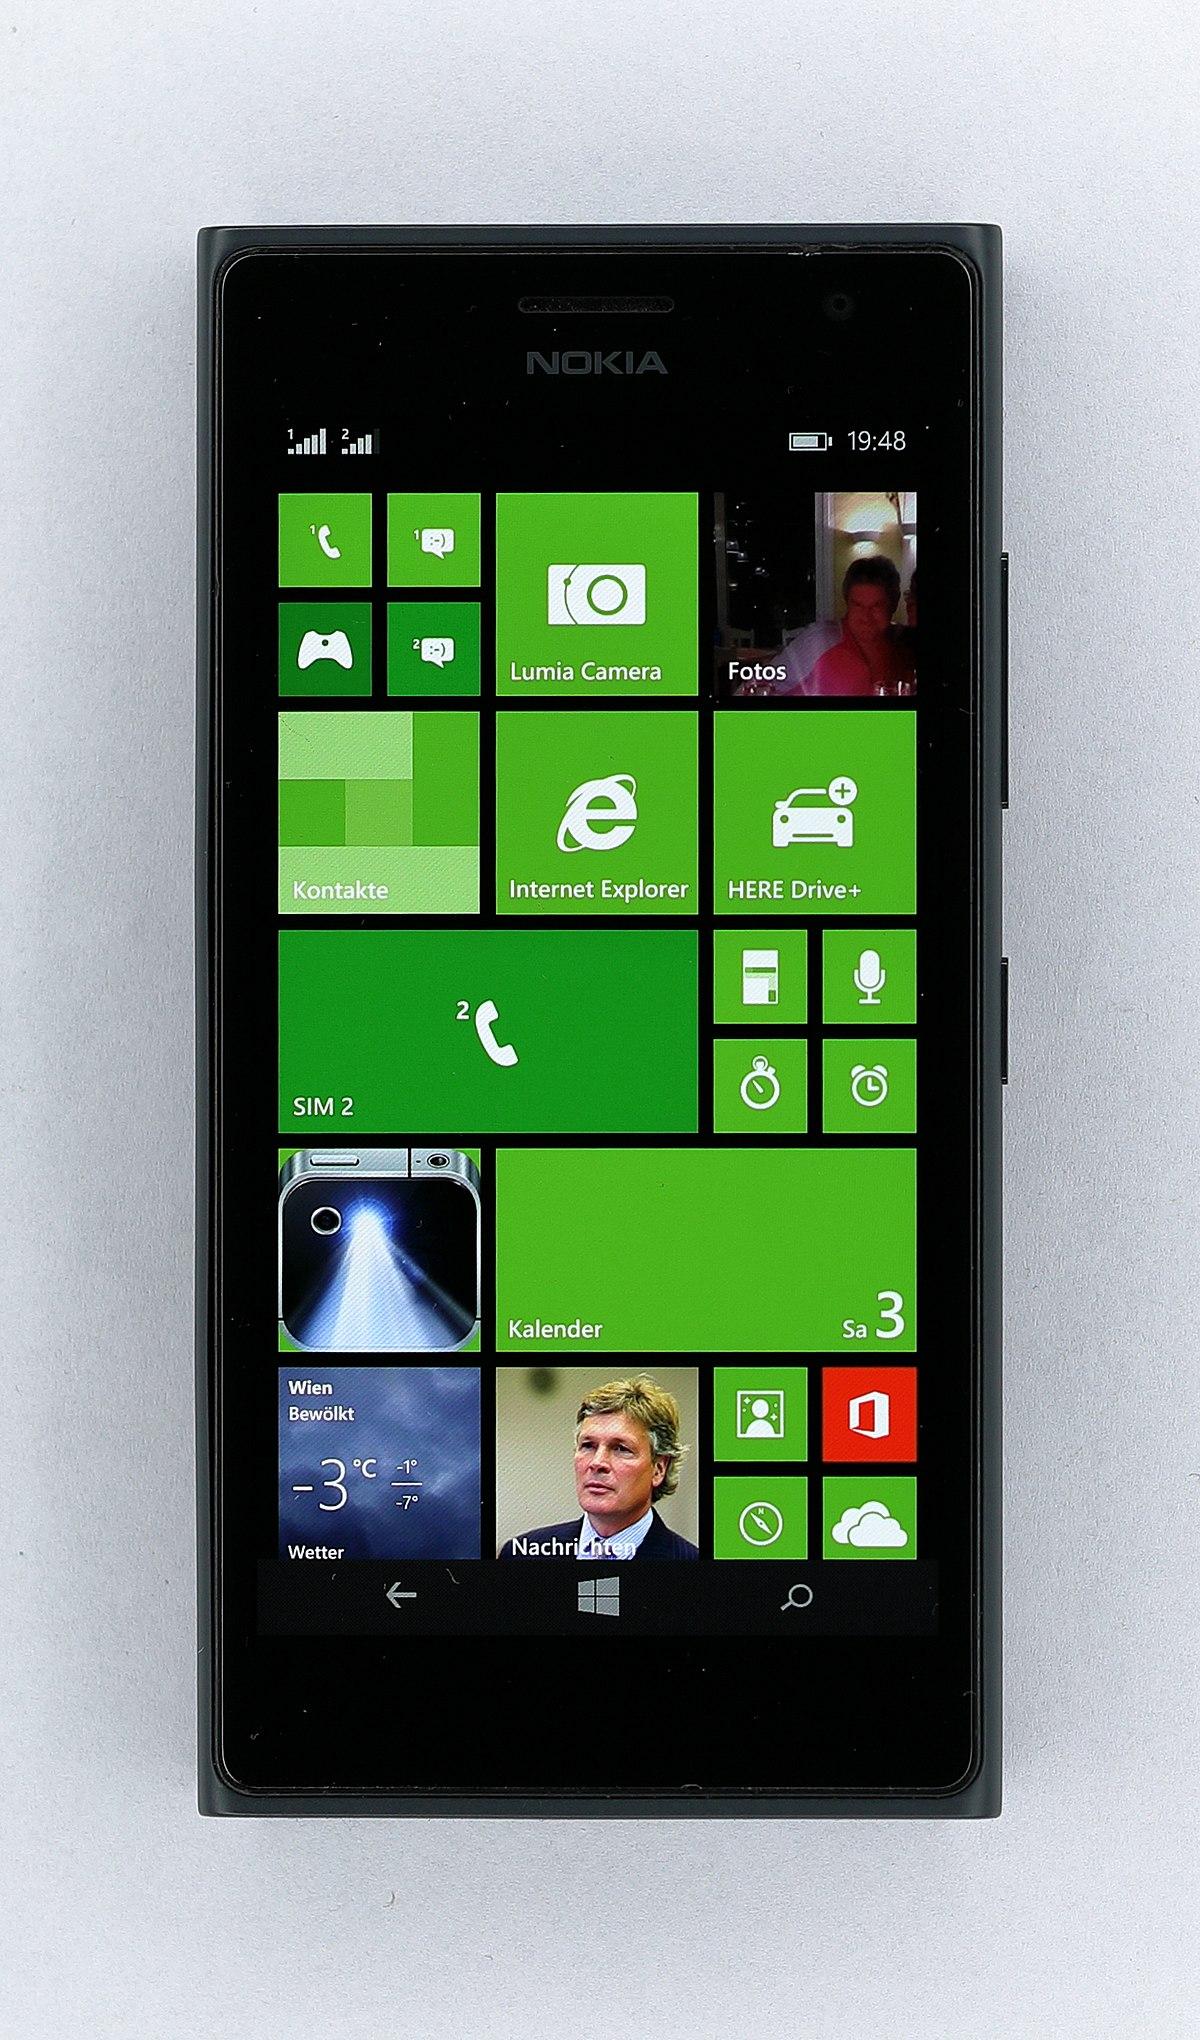 Nokia Lumia 730 Wikipedia